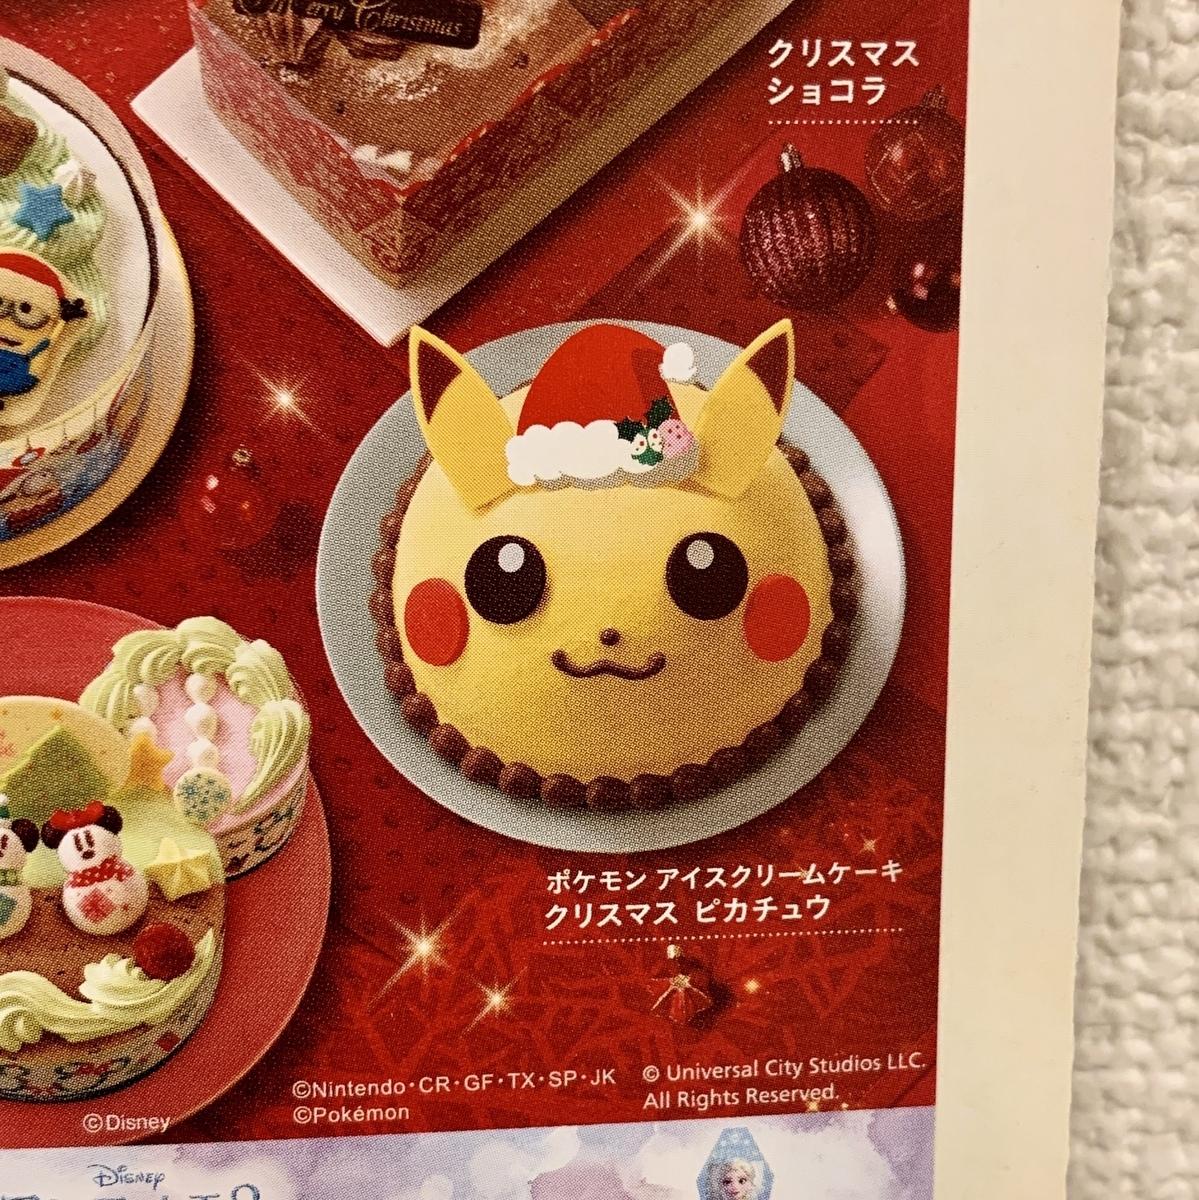 f:id:pikachu_pcn:20191028232145j:plain